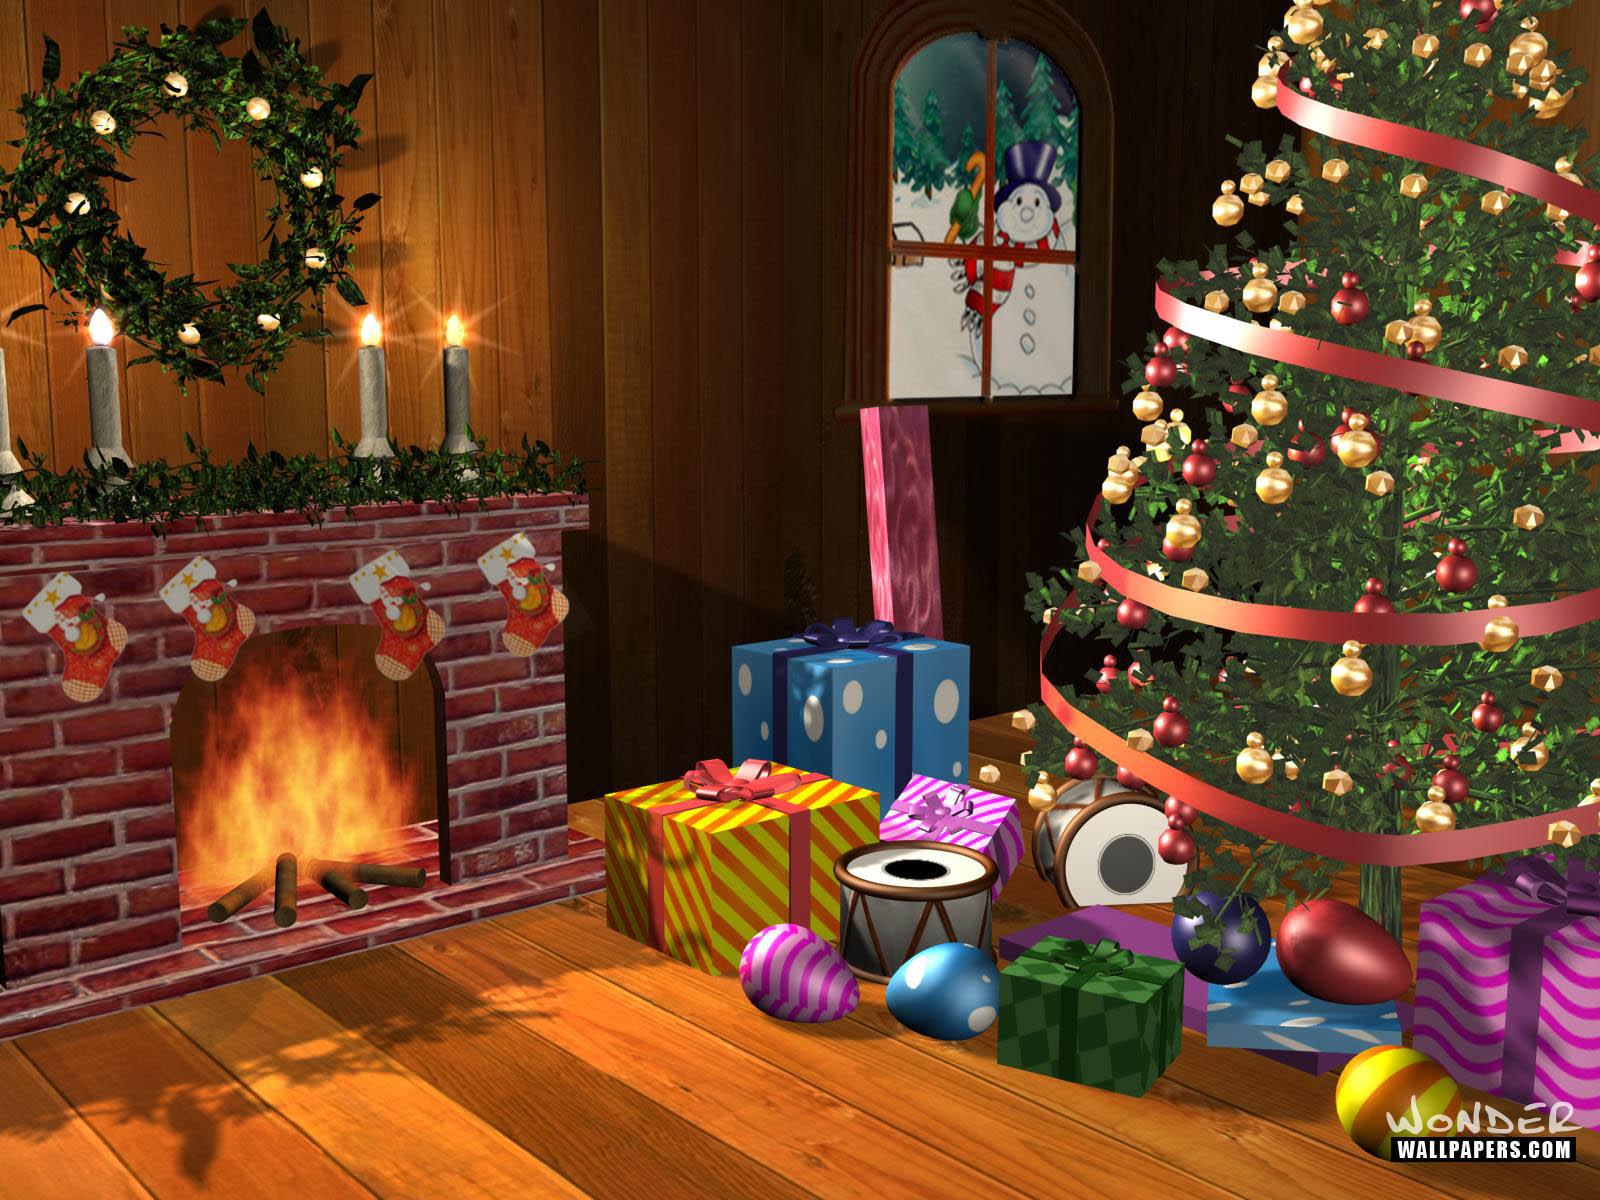 Fondo de navidad en el hogar con la chimenea y regalos